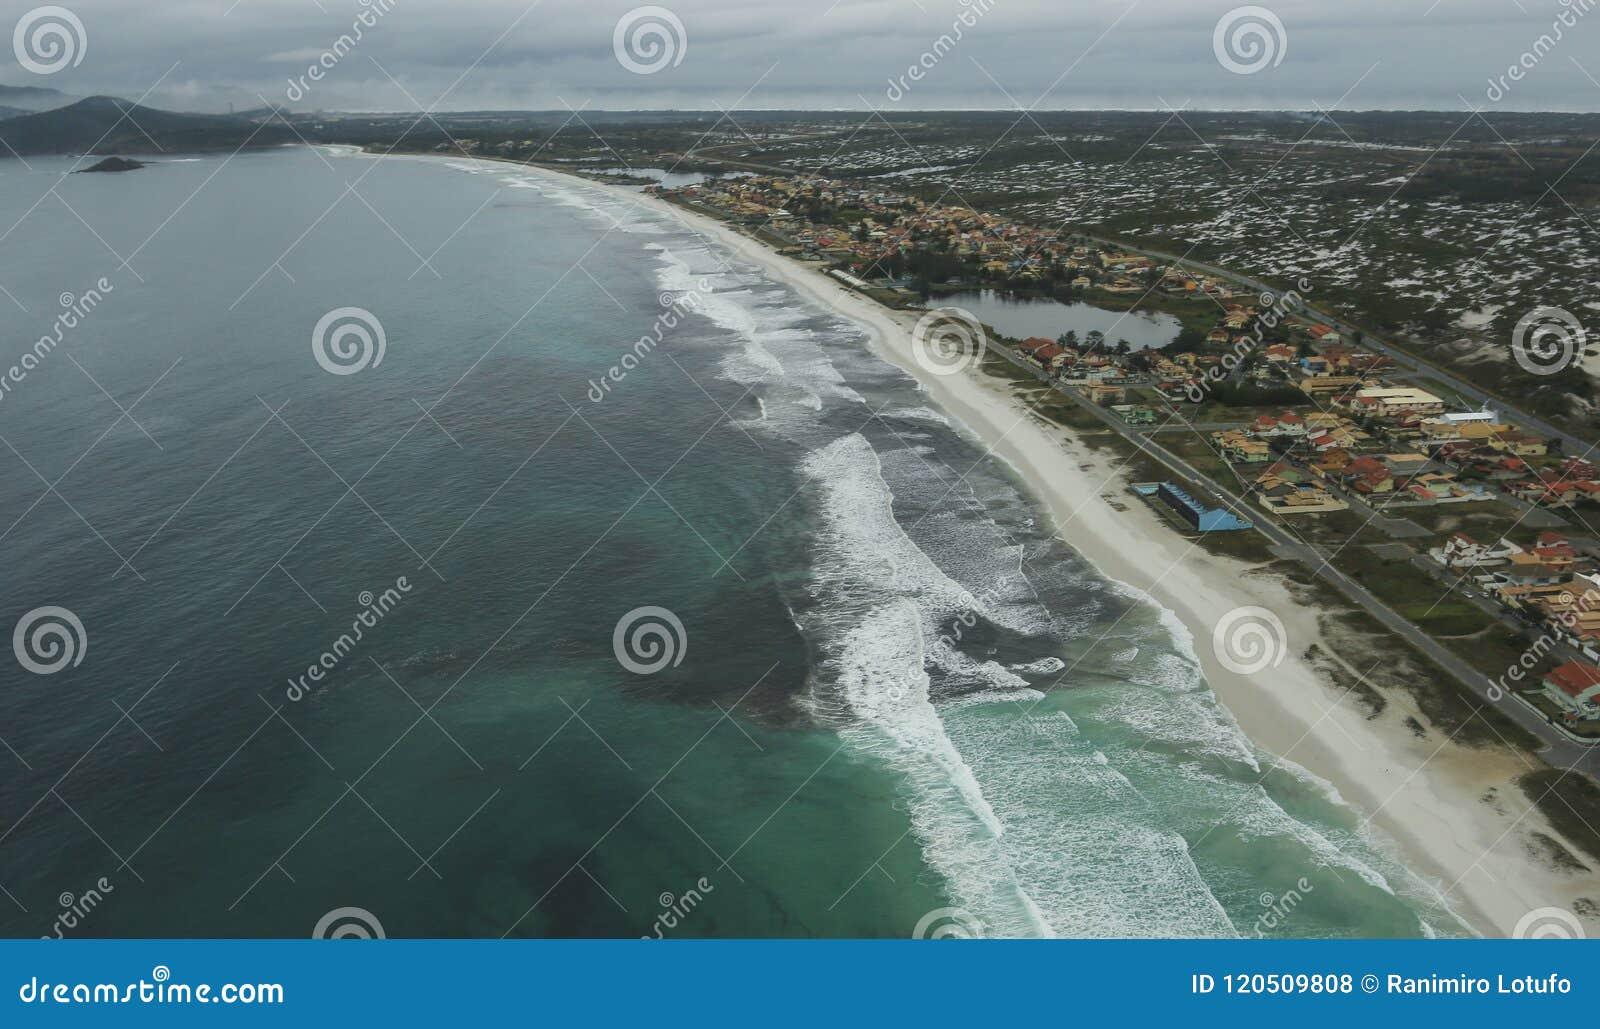 Playas largas y maravillosas, playa del DOS Bandeirantes de Recreio, Rio de Janeiro Brazil